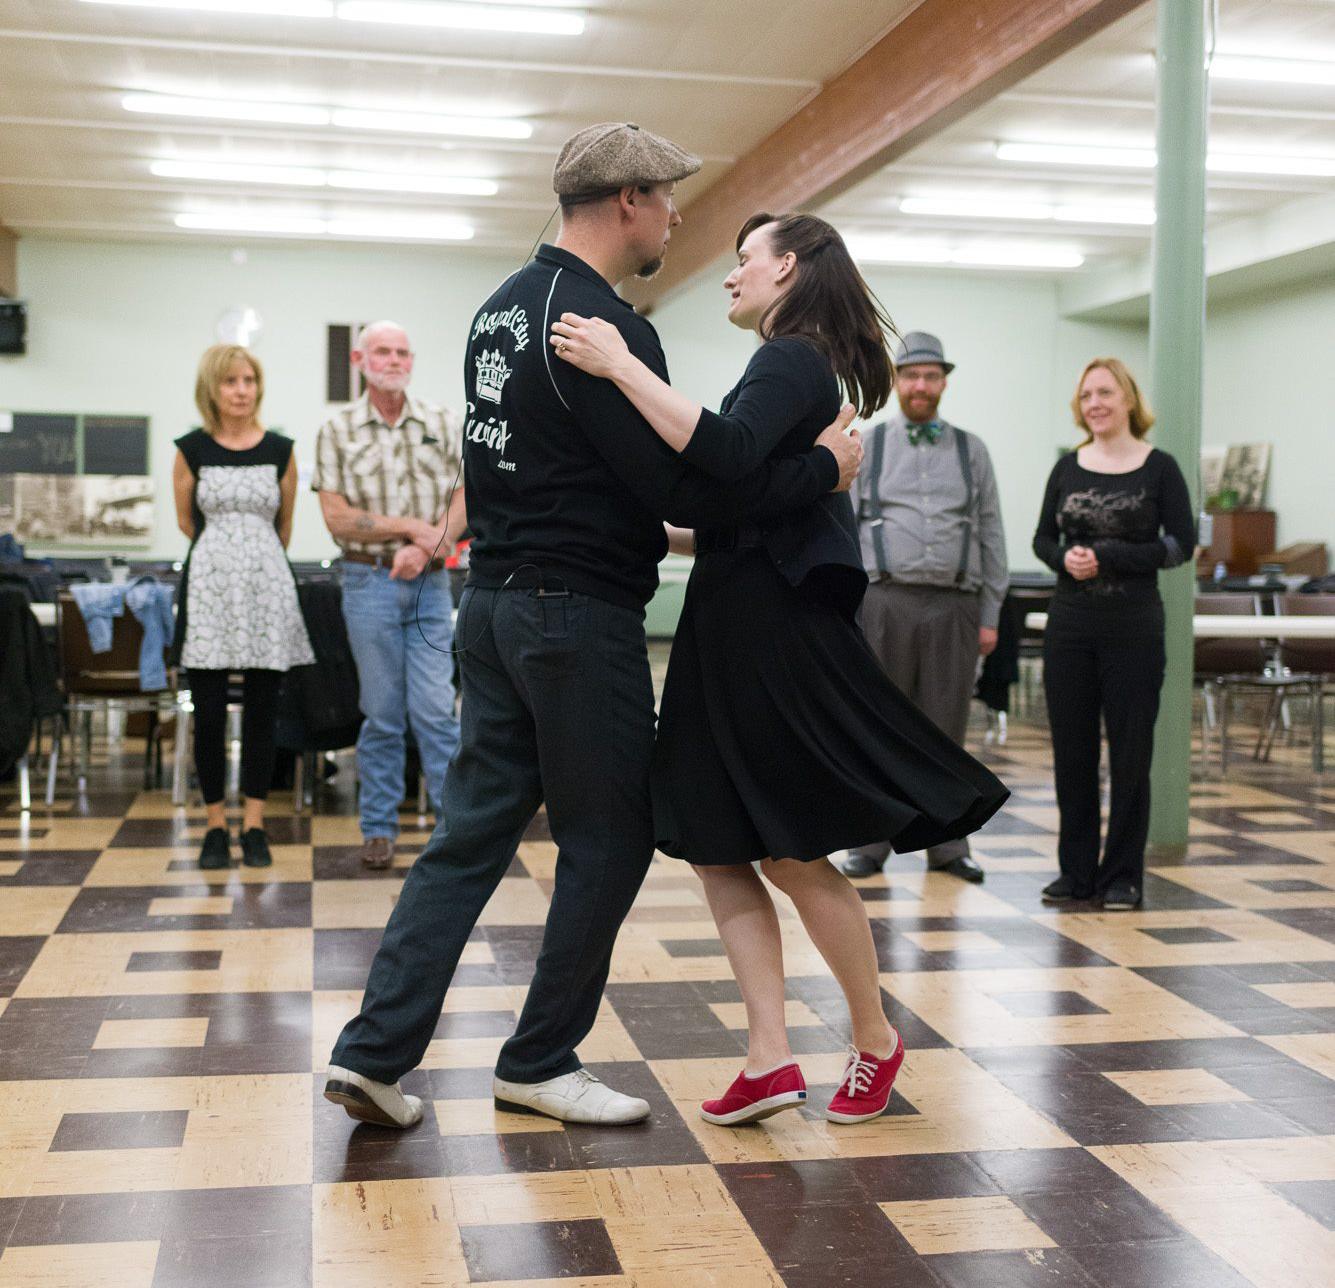 dance-lesson-sq.jpg